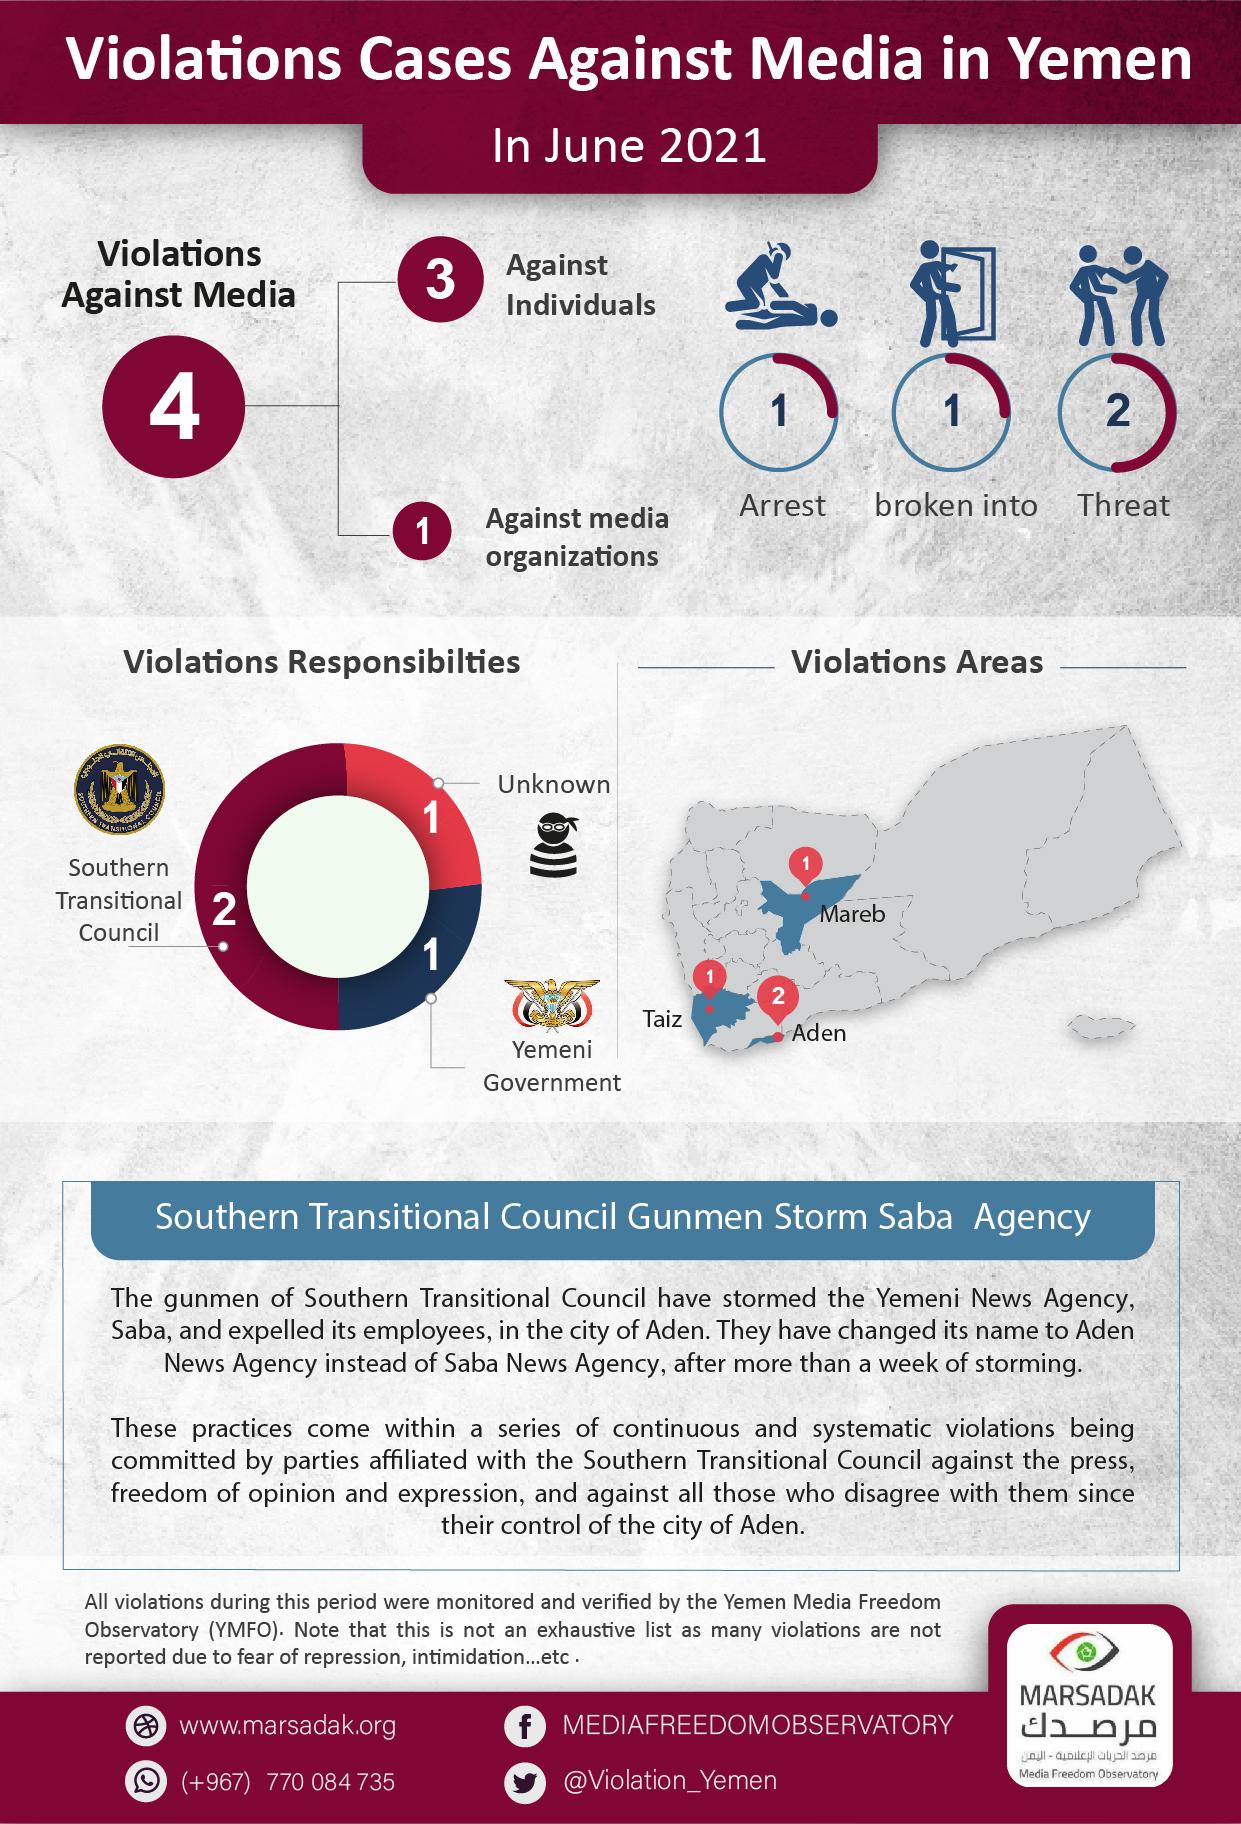 Violations Cases Against Media in Yemen In Jun